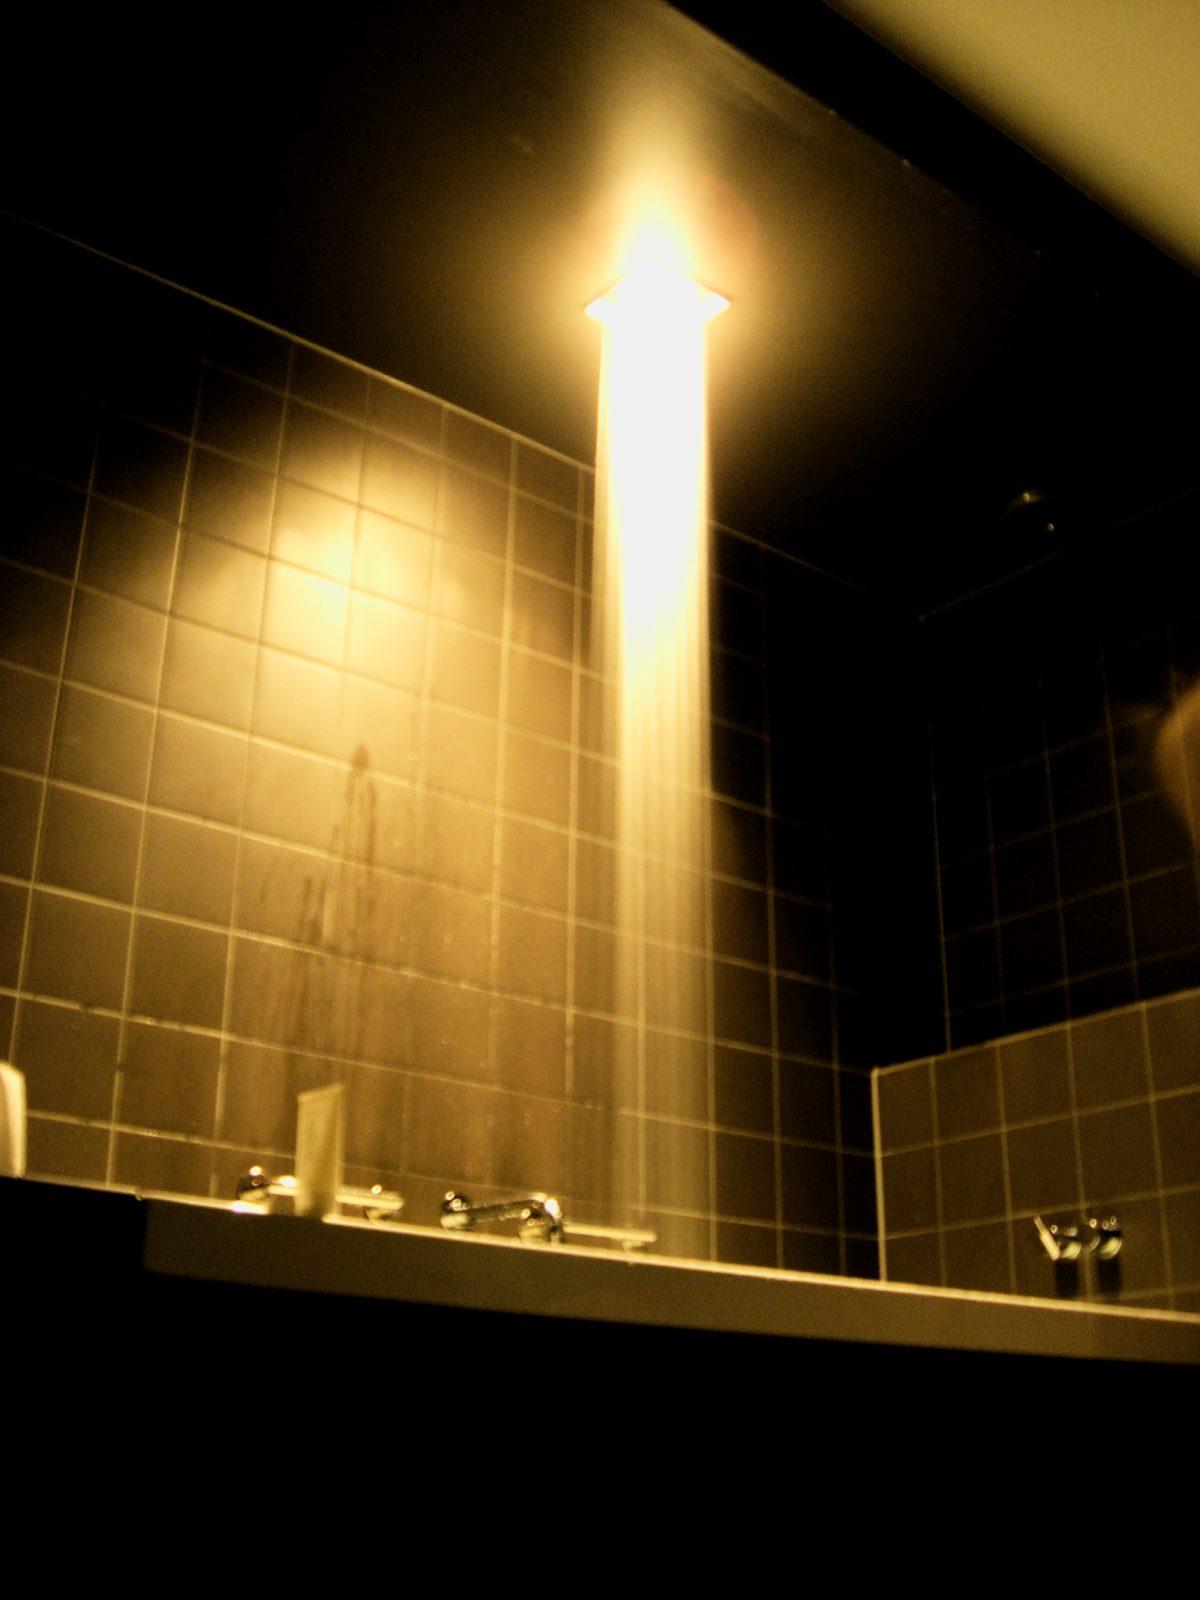 La curiosa ducha del hotel Skeppsholmen <br> Foto: Israel Úbeda / sweetsweden.com